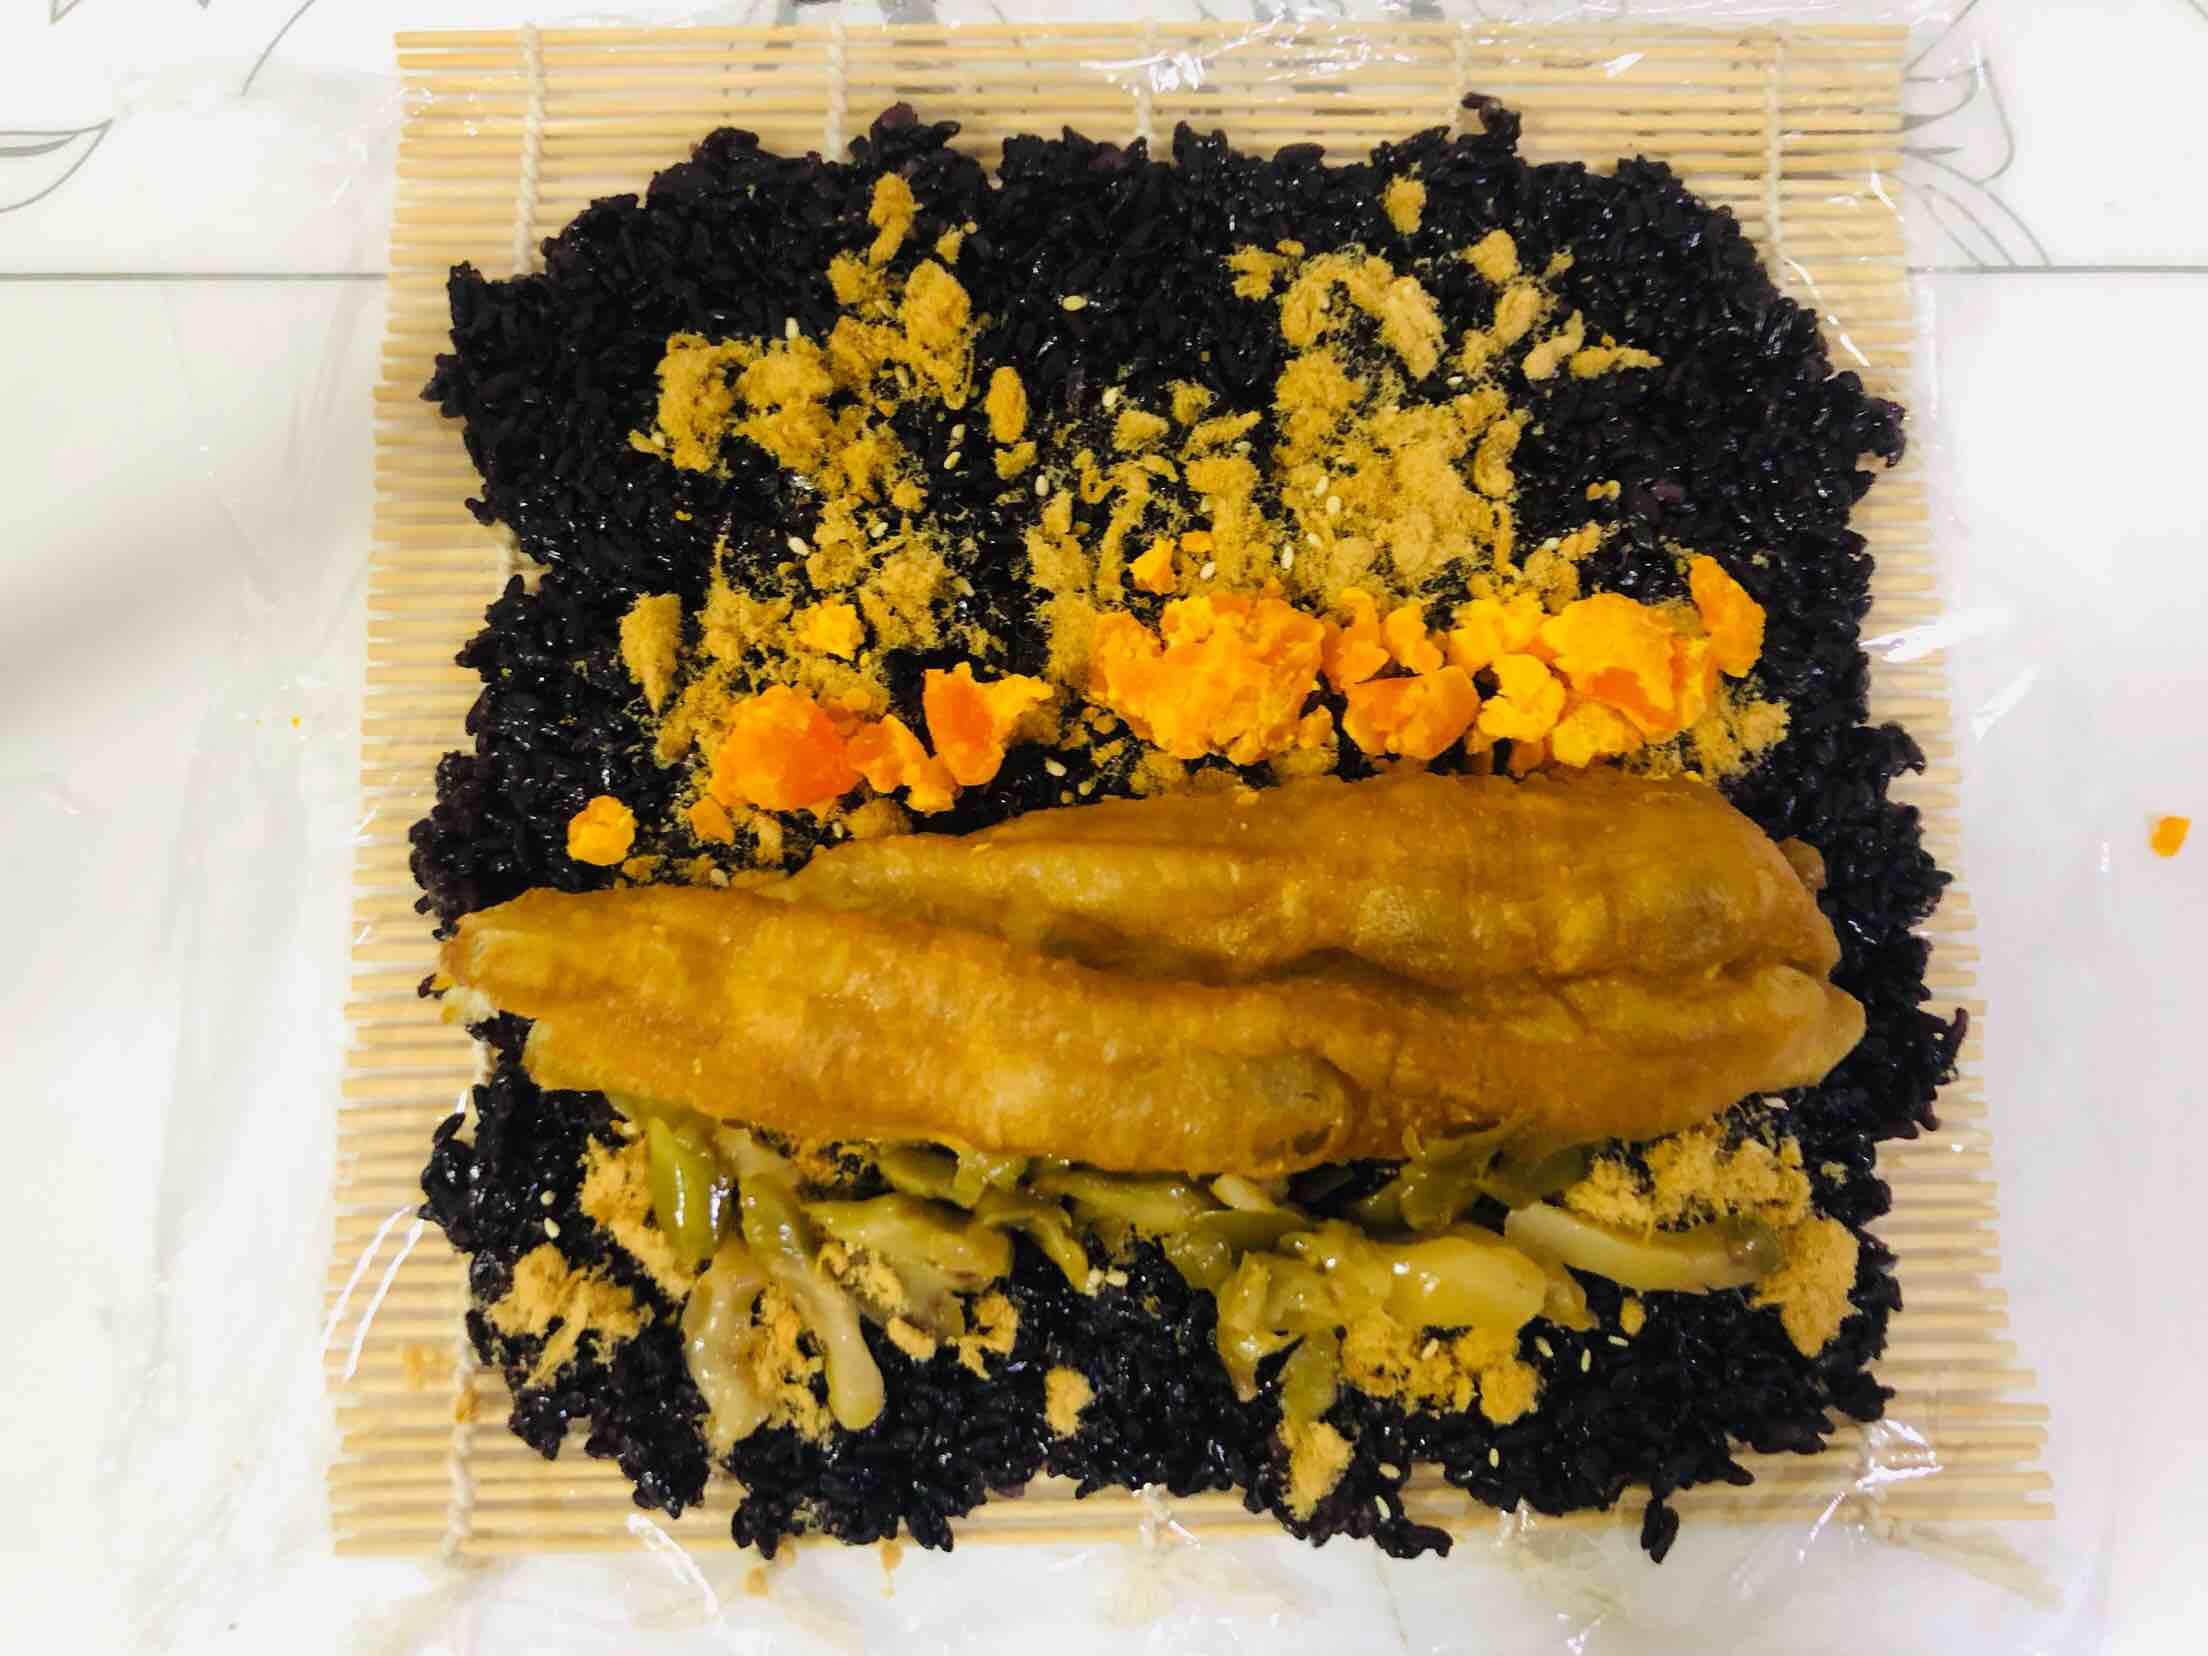 黑米饭团怎么炒